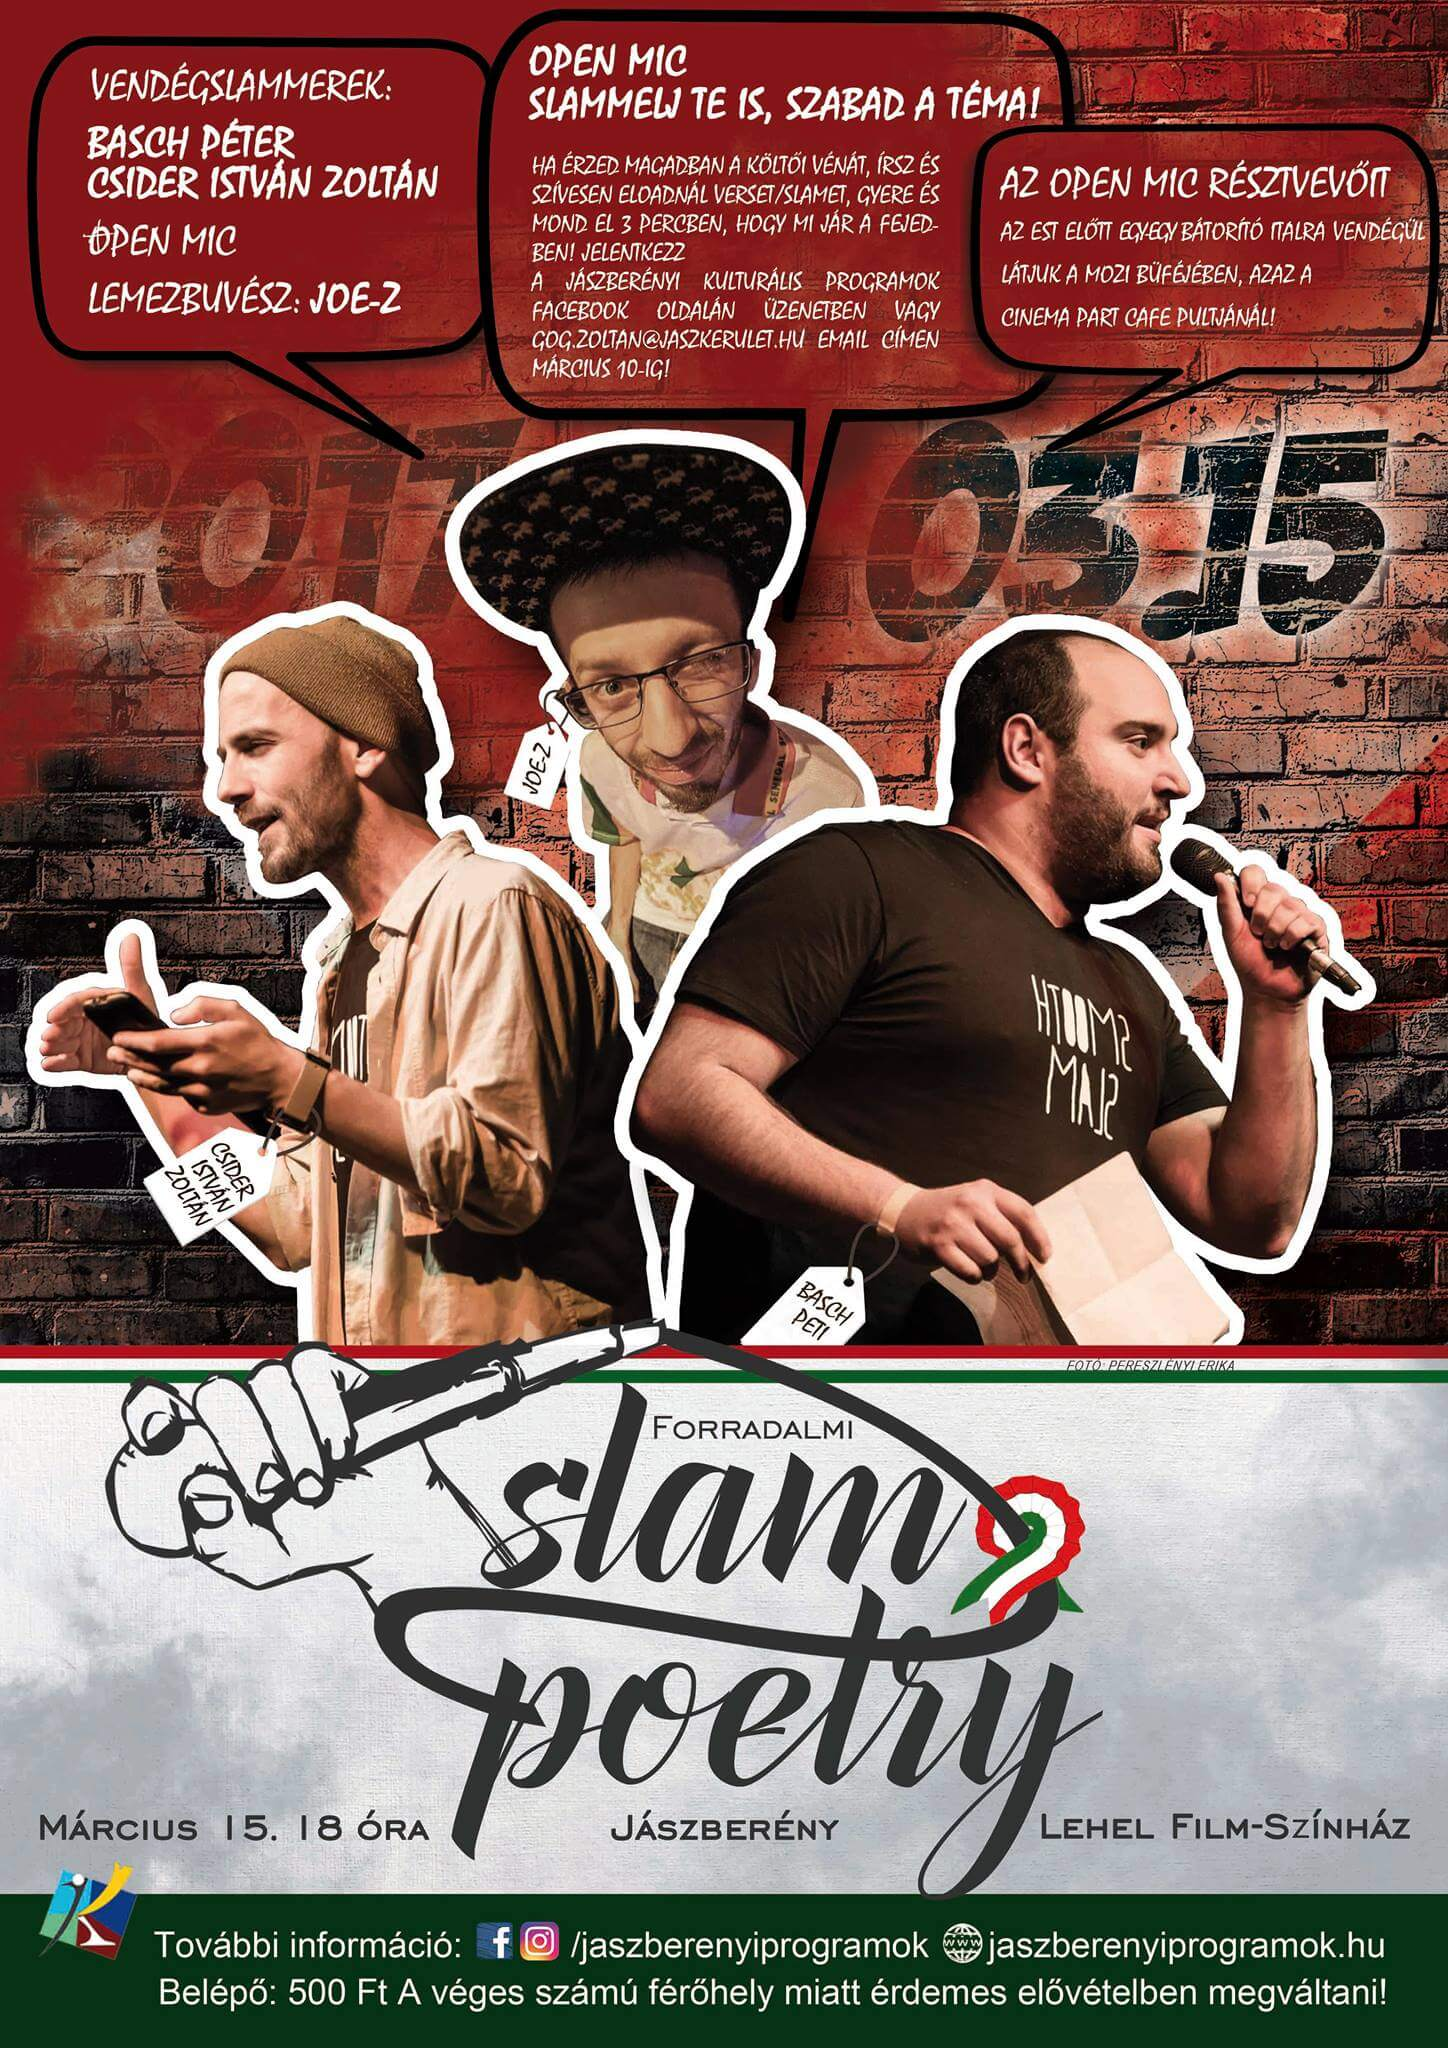 Forradalmi SLAM Poetry EST Jászberényben